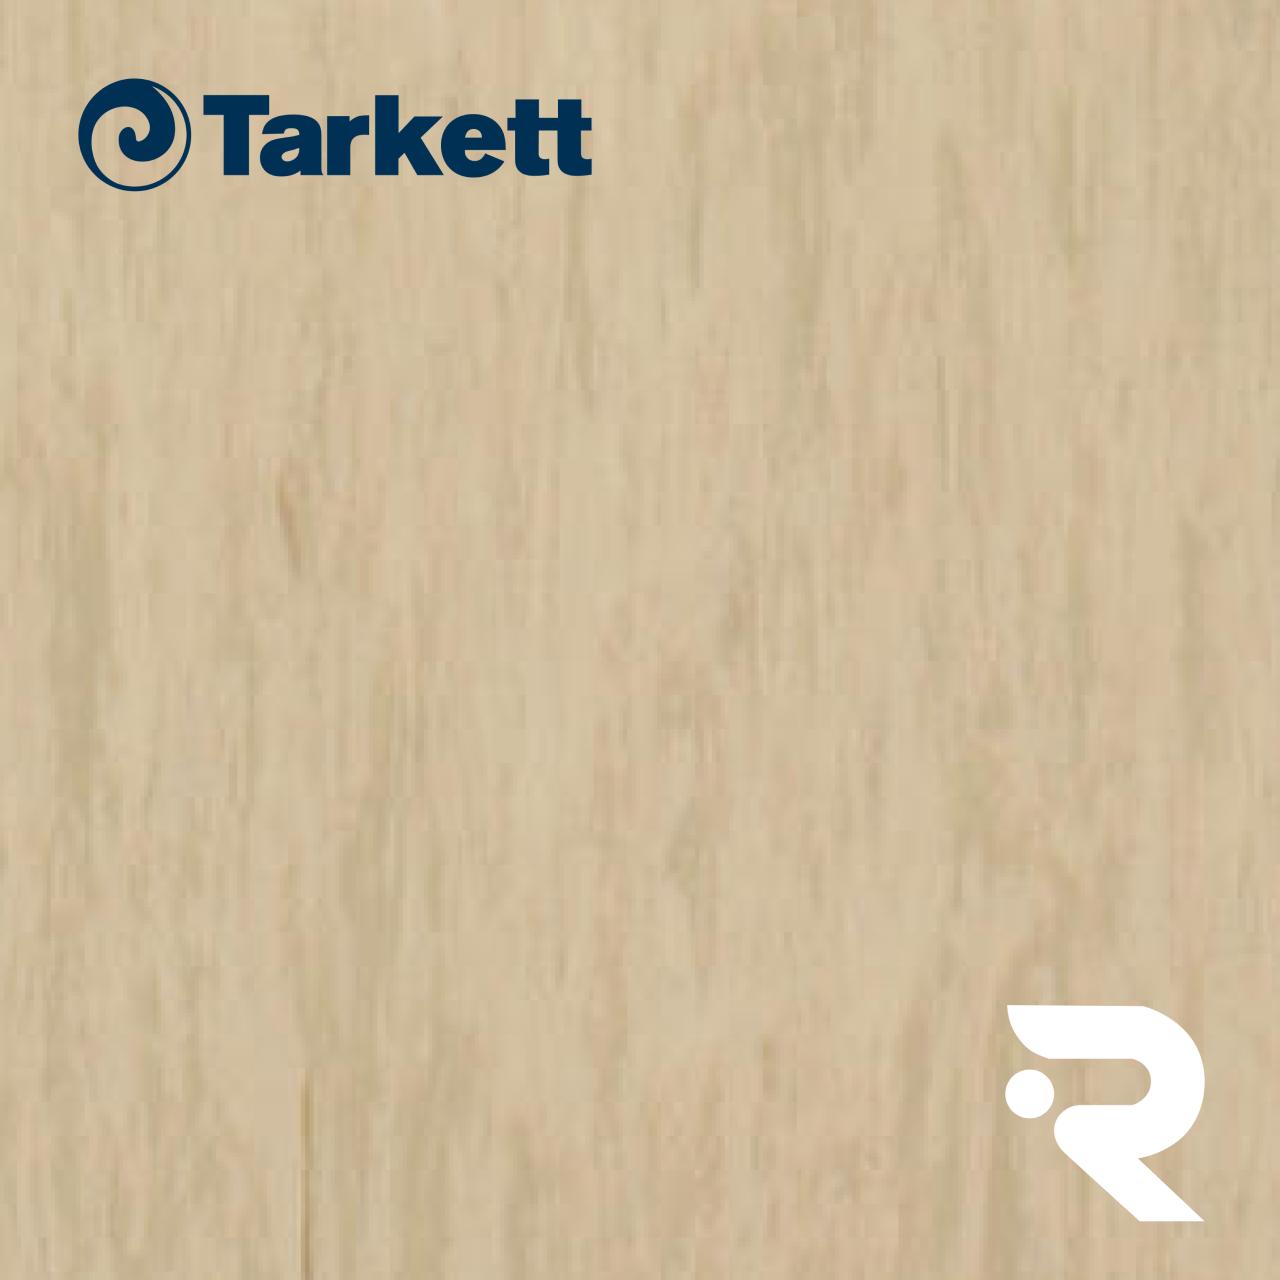 🏫 Гомогенний лінолеум Tarkett | Standard LIGHT YELLOW BEIGE 0483 | Standard Plus 2.0 mm | 610 х 610 мм